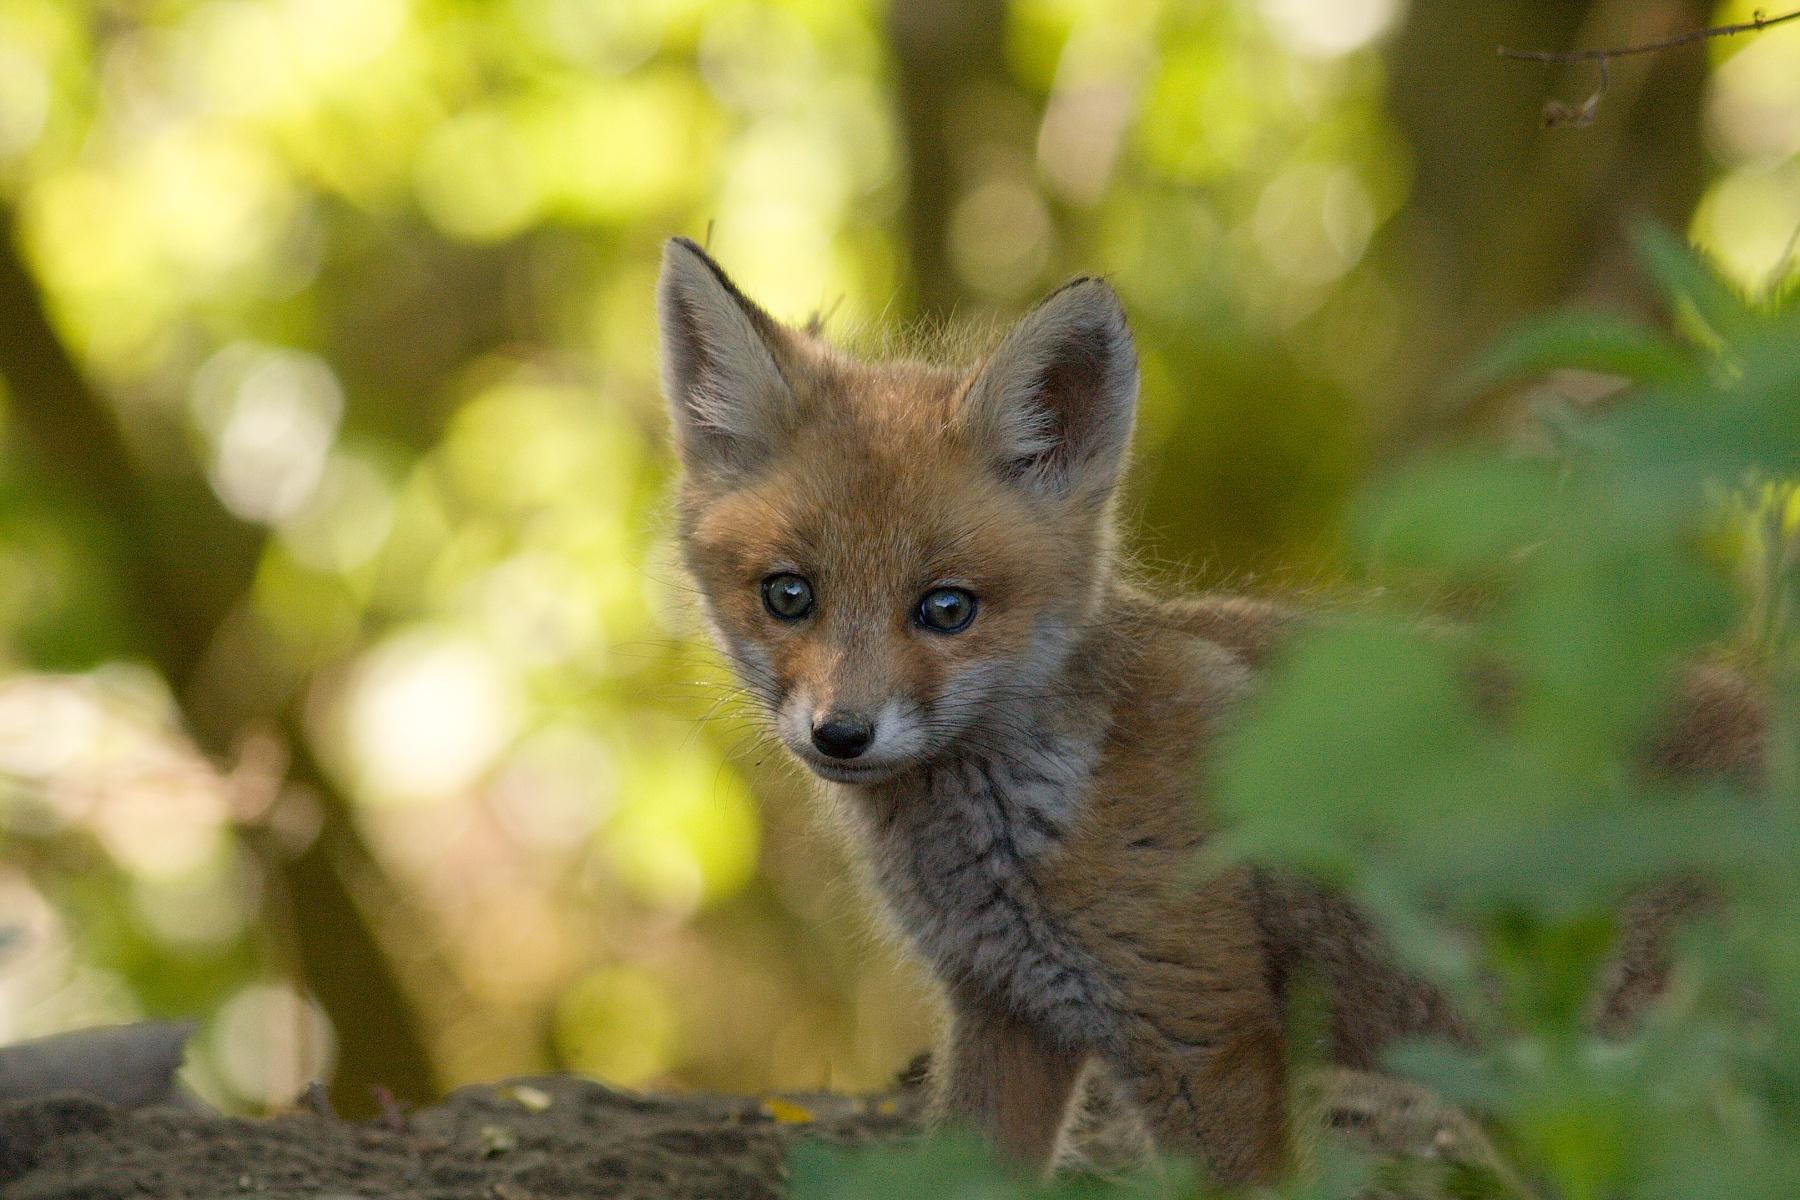 líška hrdzavá (Vulpes vulpes) Red fox, NPR Kláštorské lúky, Turčianska kotlina, Slovensko